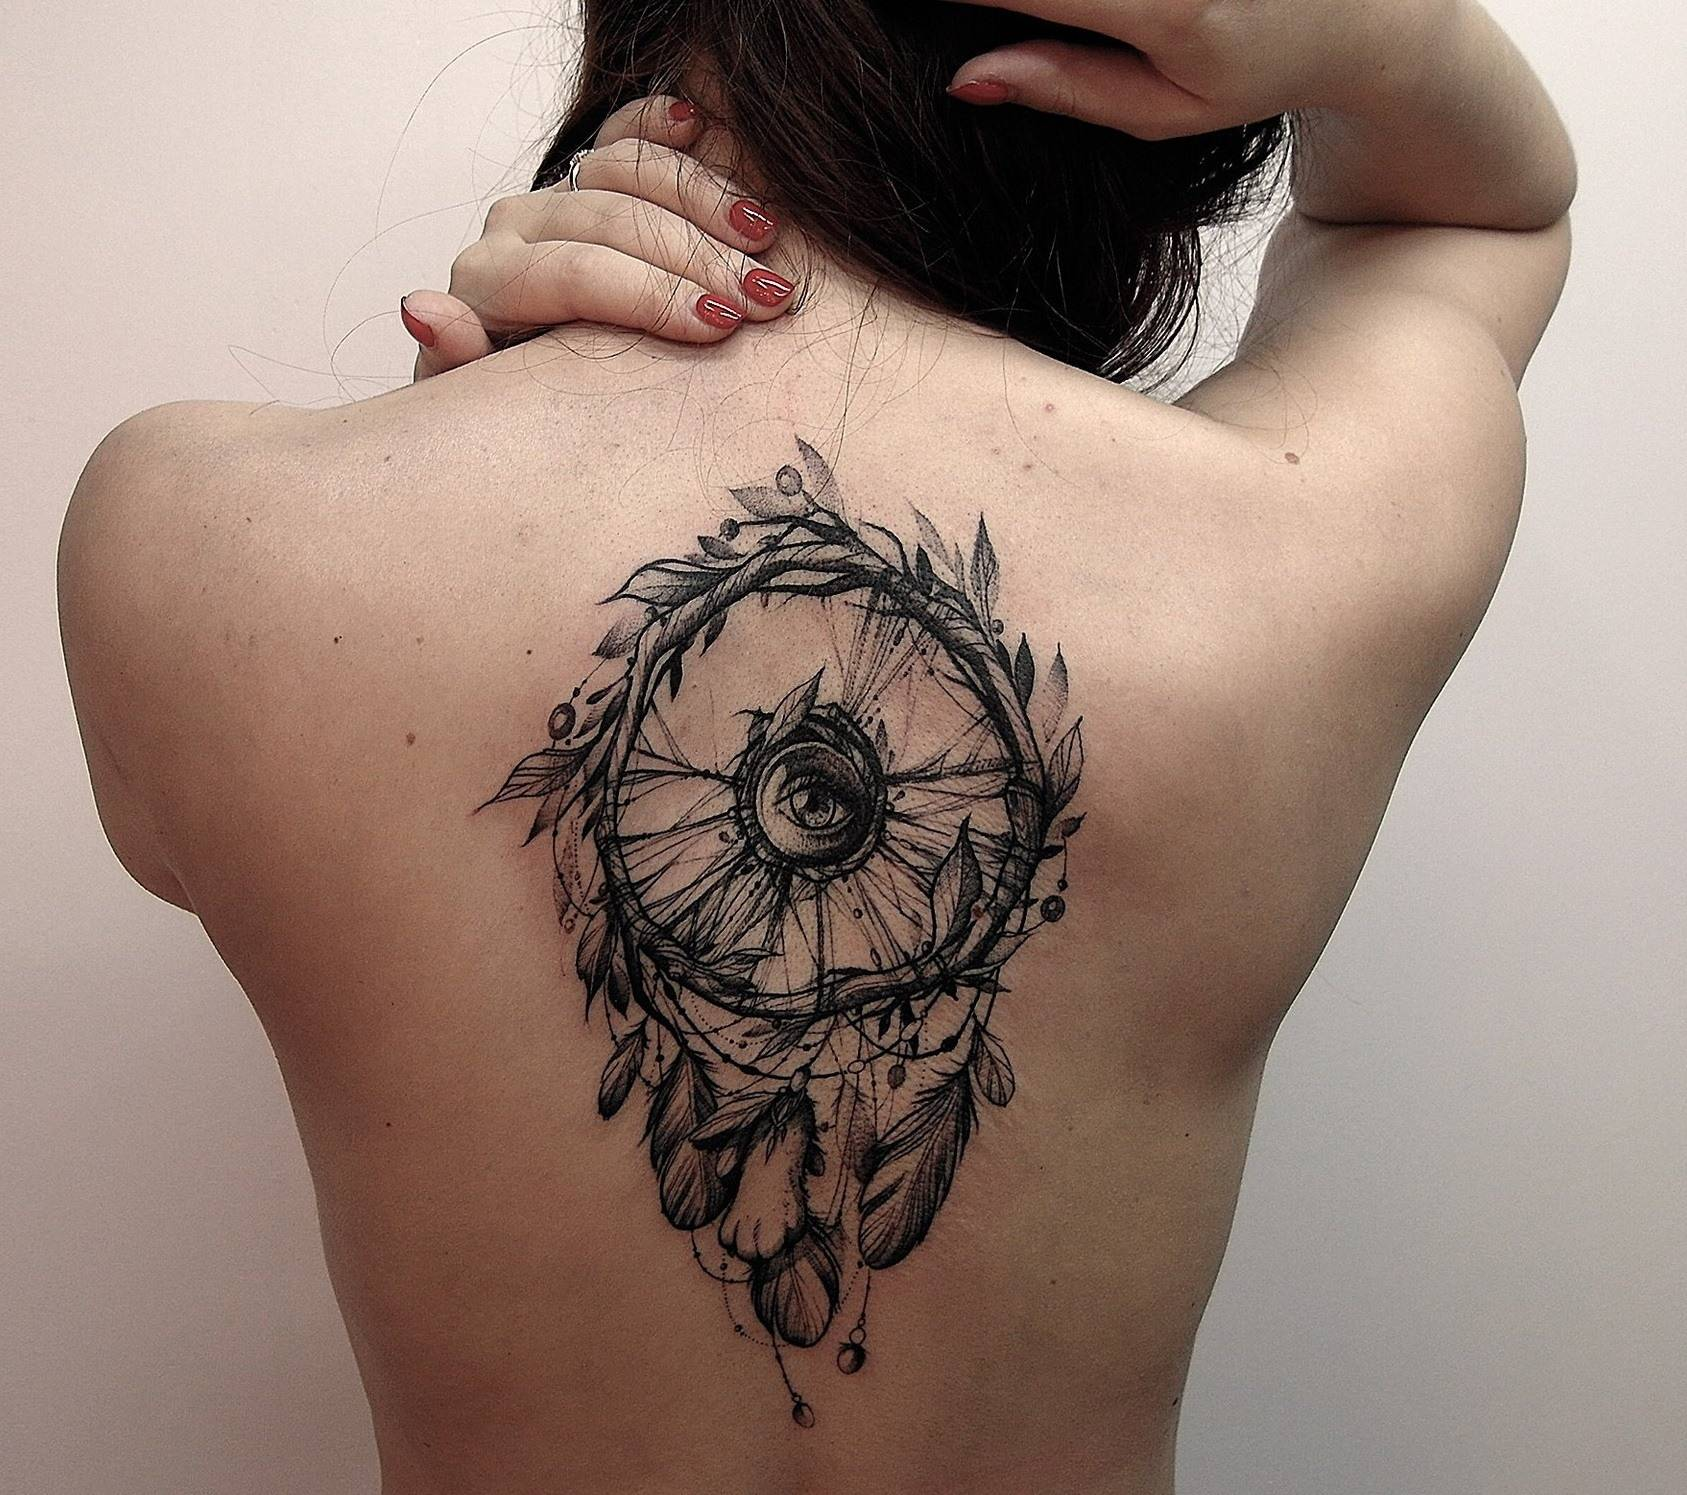 Тату обереги для девушек и мужчин: значение и фото. как выбрать татуировку с умом?